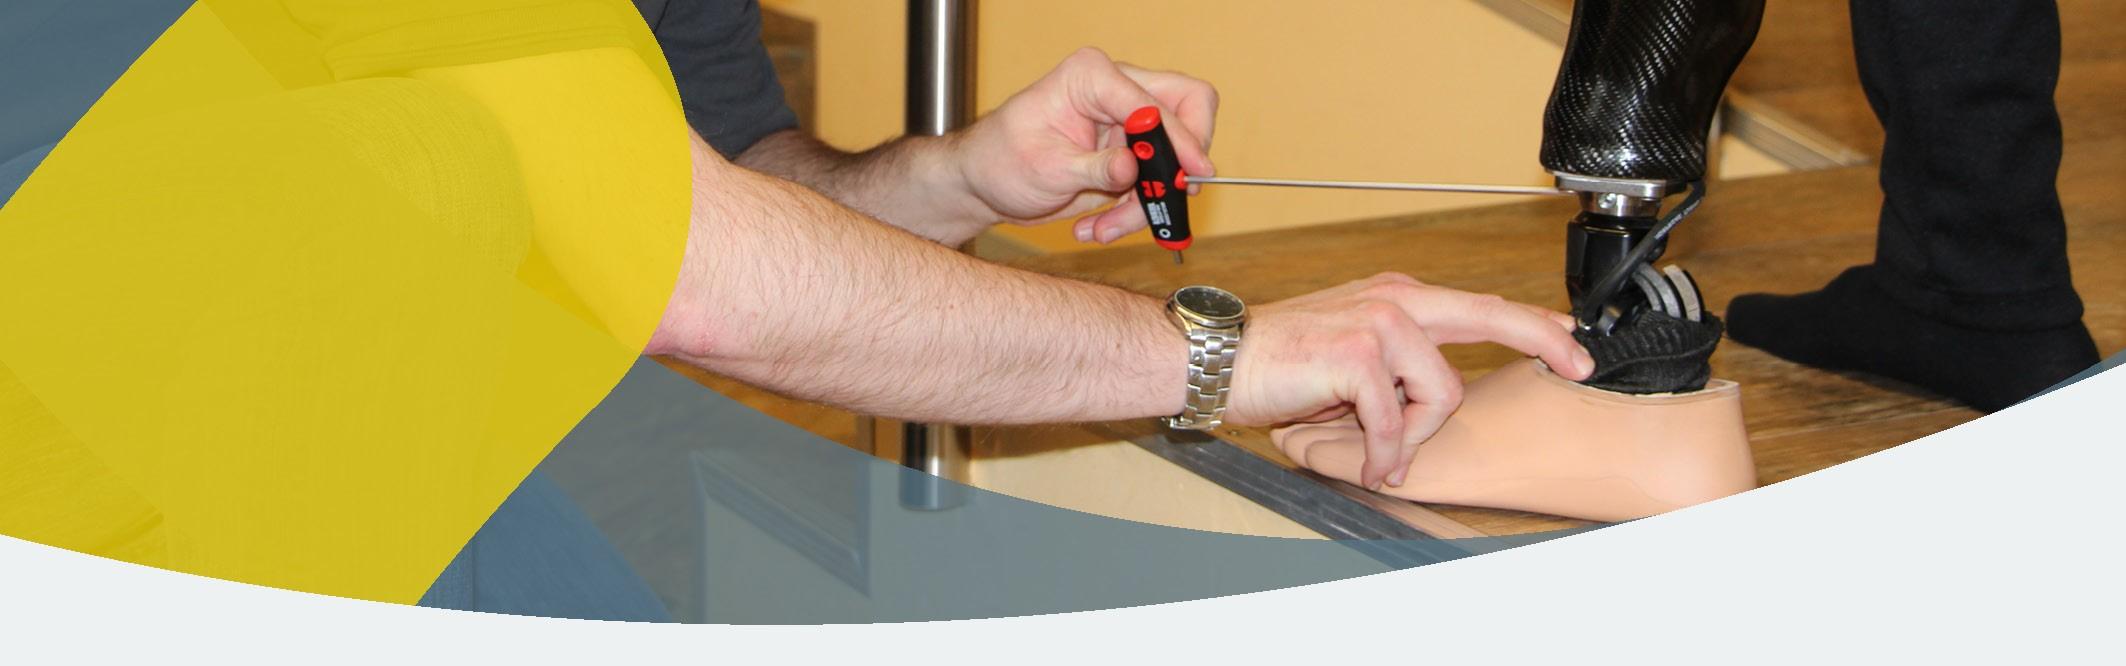 APT-Prothesen-Check - Termin in der Niederlassung vor Ort vereinbaren